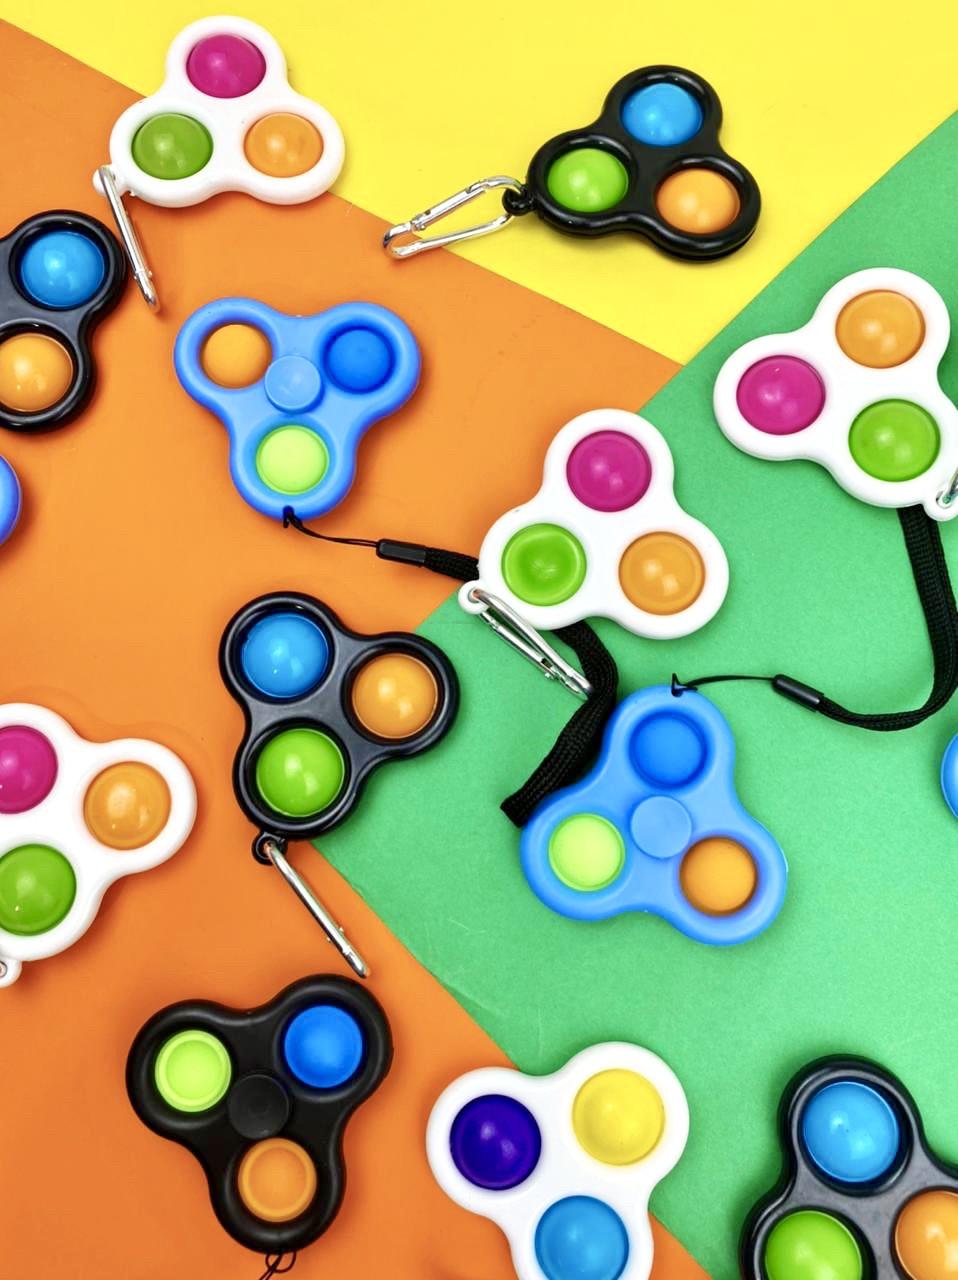 Симпл димпл simple dimple Брелок спинер попит антистресс pop it spinner - фото 1